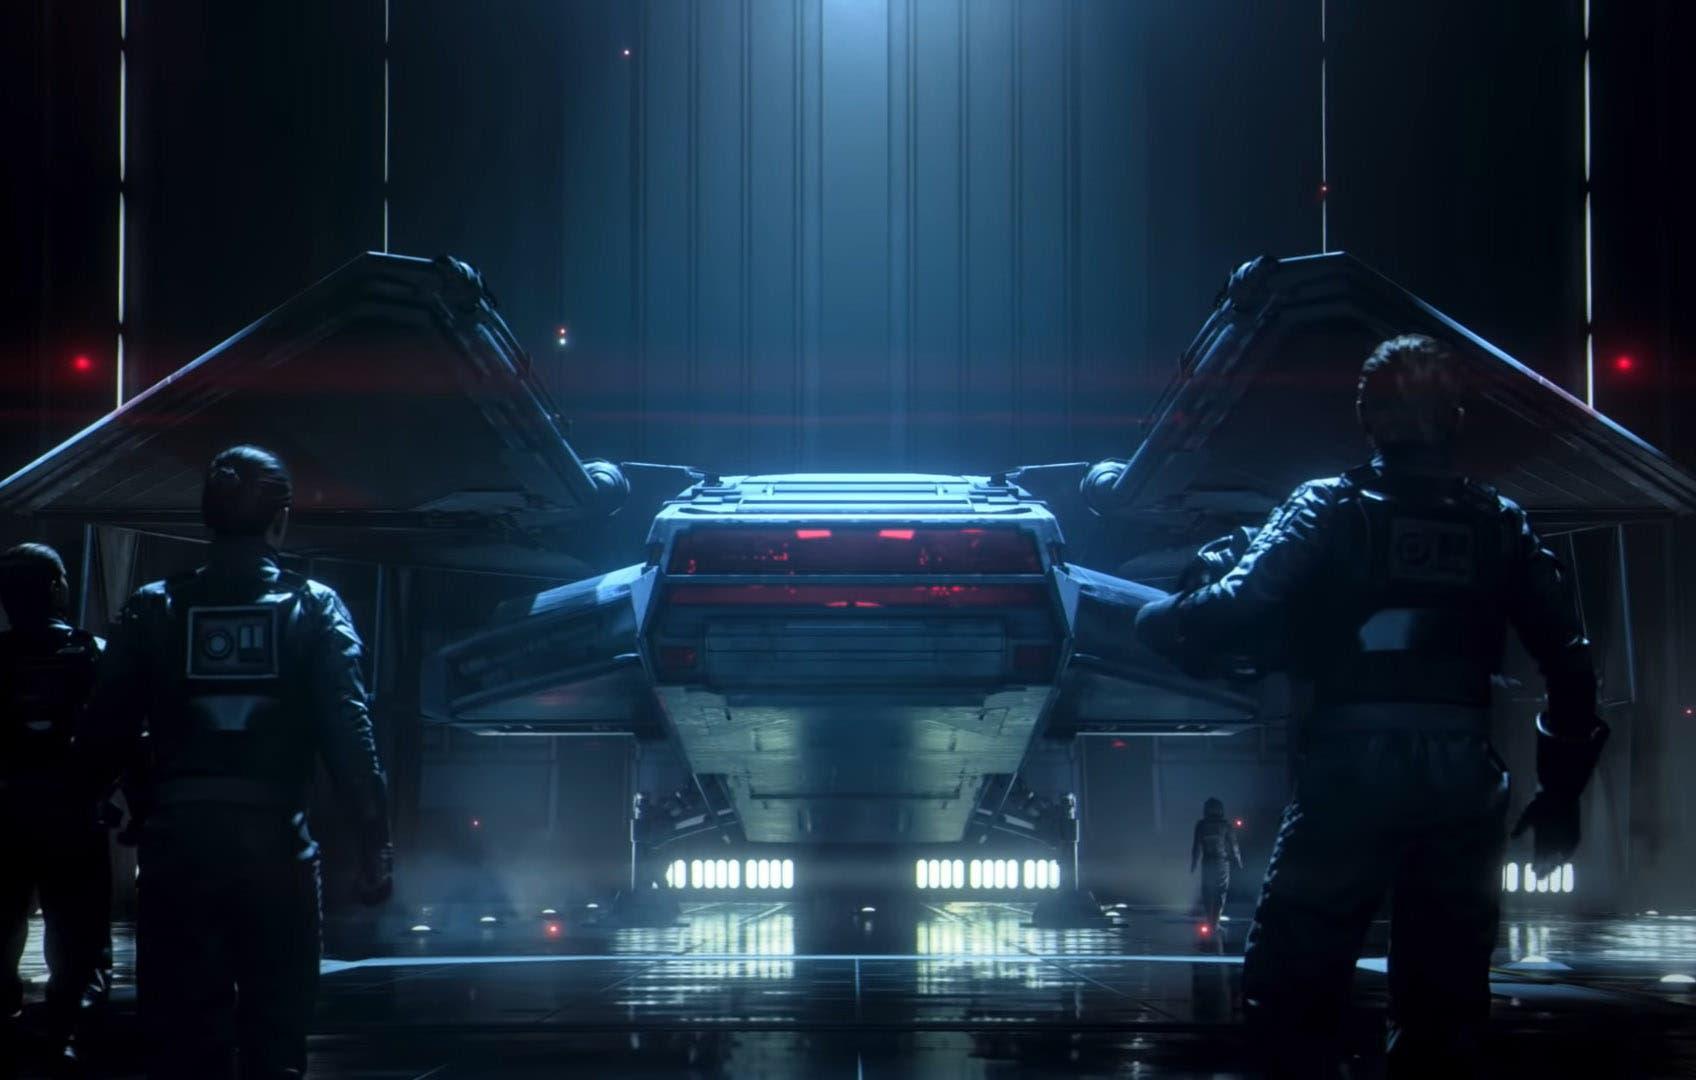 Comparten nuevos detalles de Star Wars Squadrons, desde la cantidad de mapas, como la opción de drifting 2